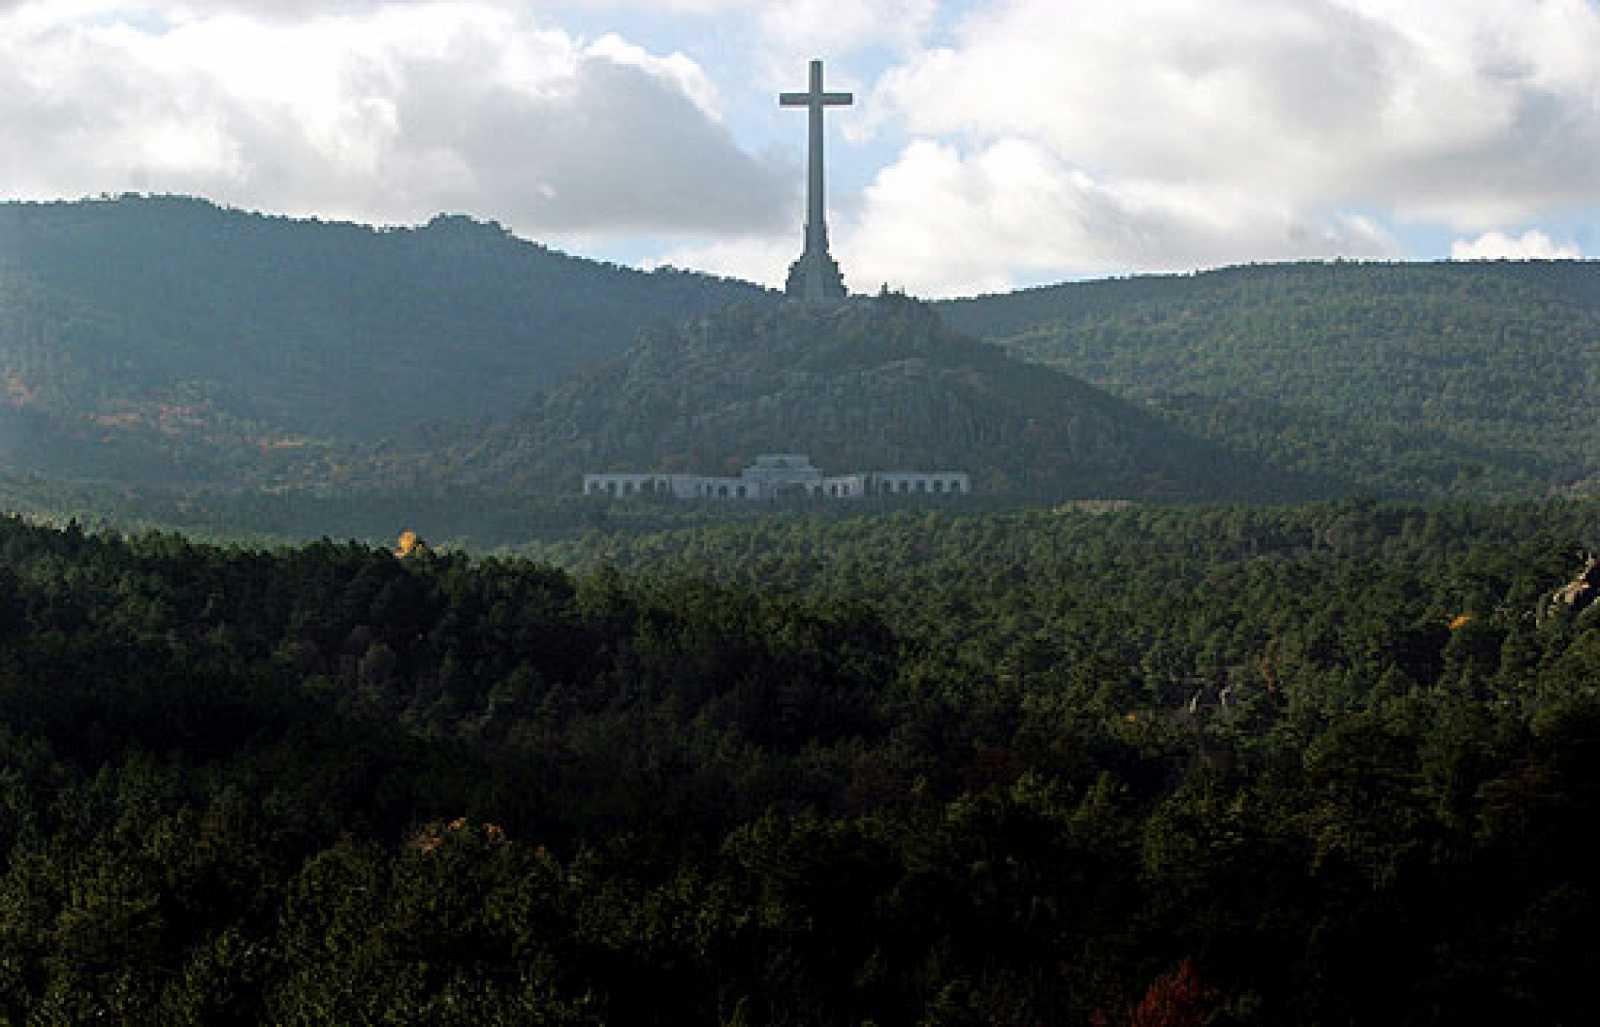 El PSOE de Pedro Sánchez  quiere eliminar la cruz del Valle de los Caídos. Se ve demasiado